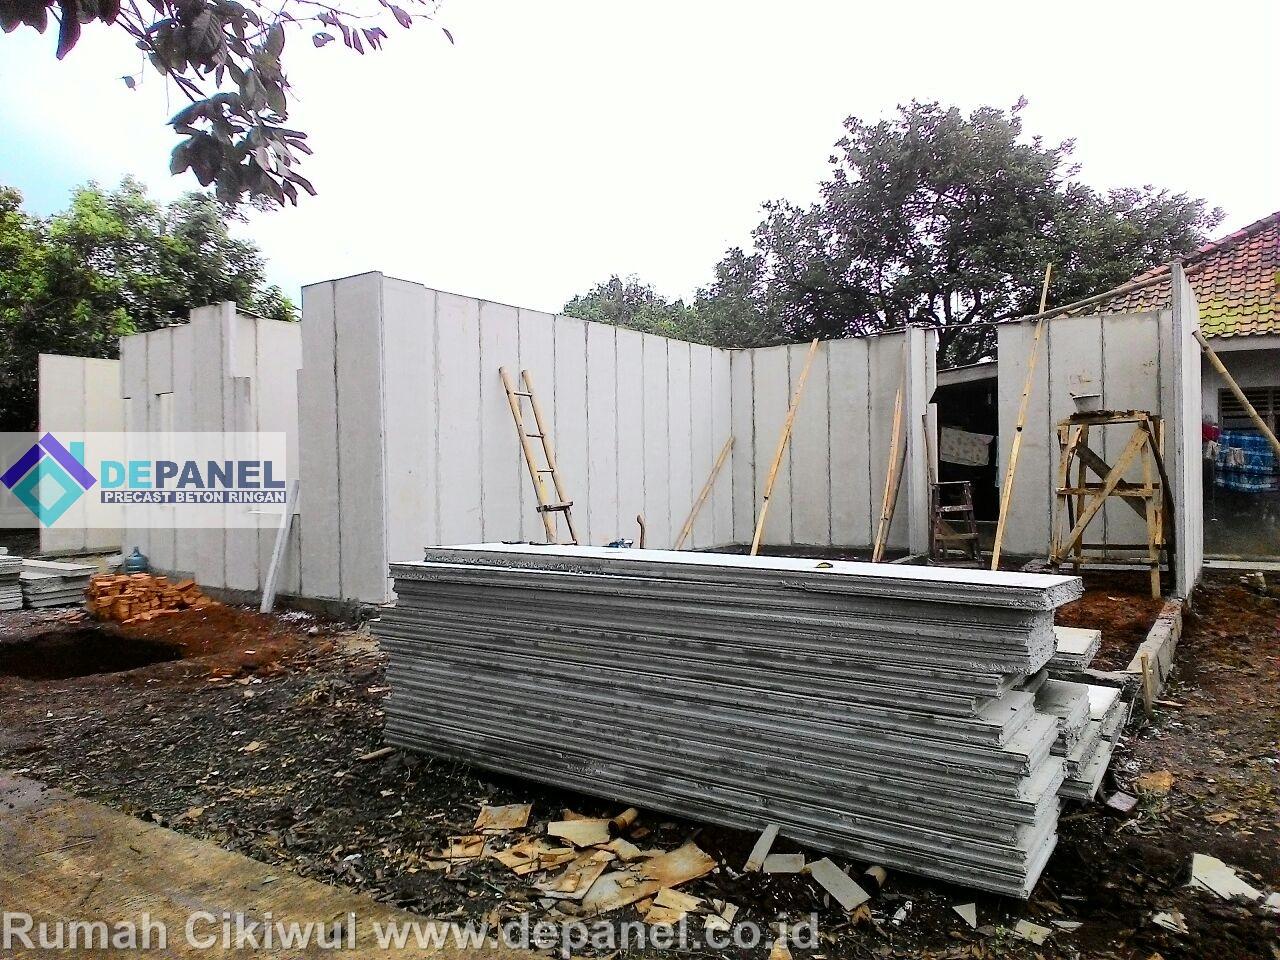 panel, beton, ringan, rumah contoh, depanel,rumahcepat, rumah cepat, precast, rumah cikiwul